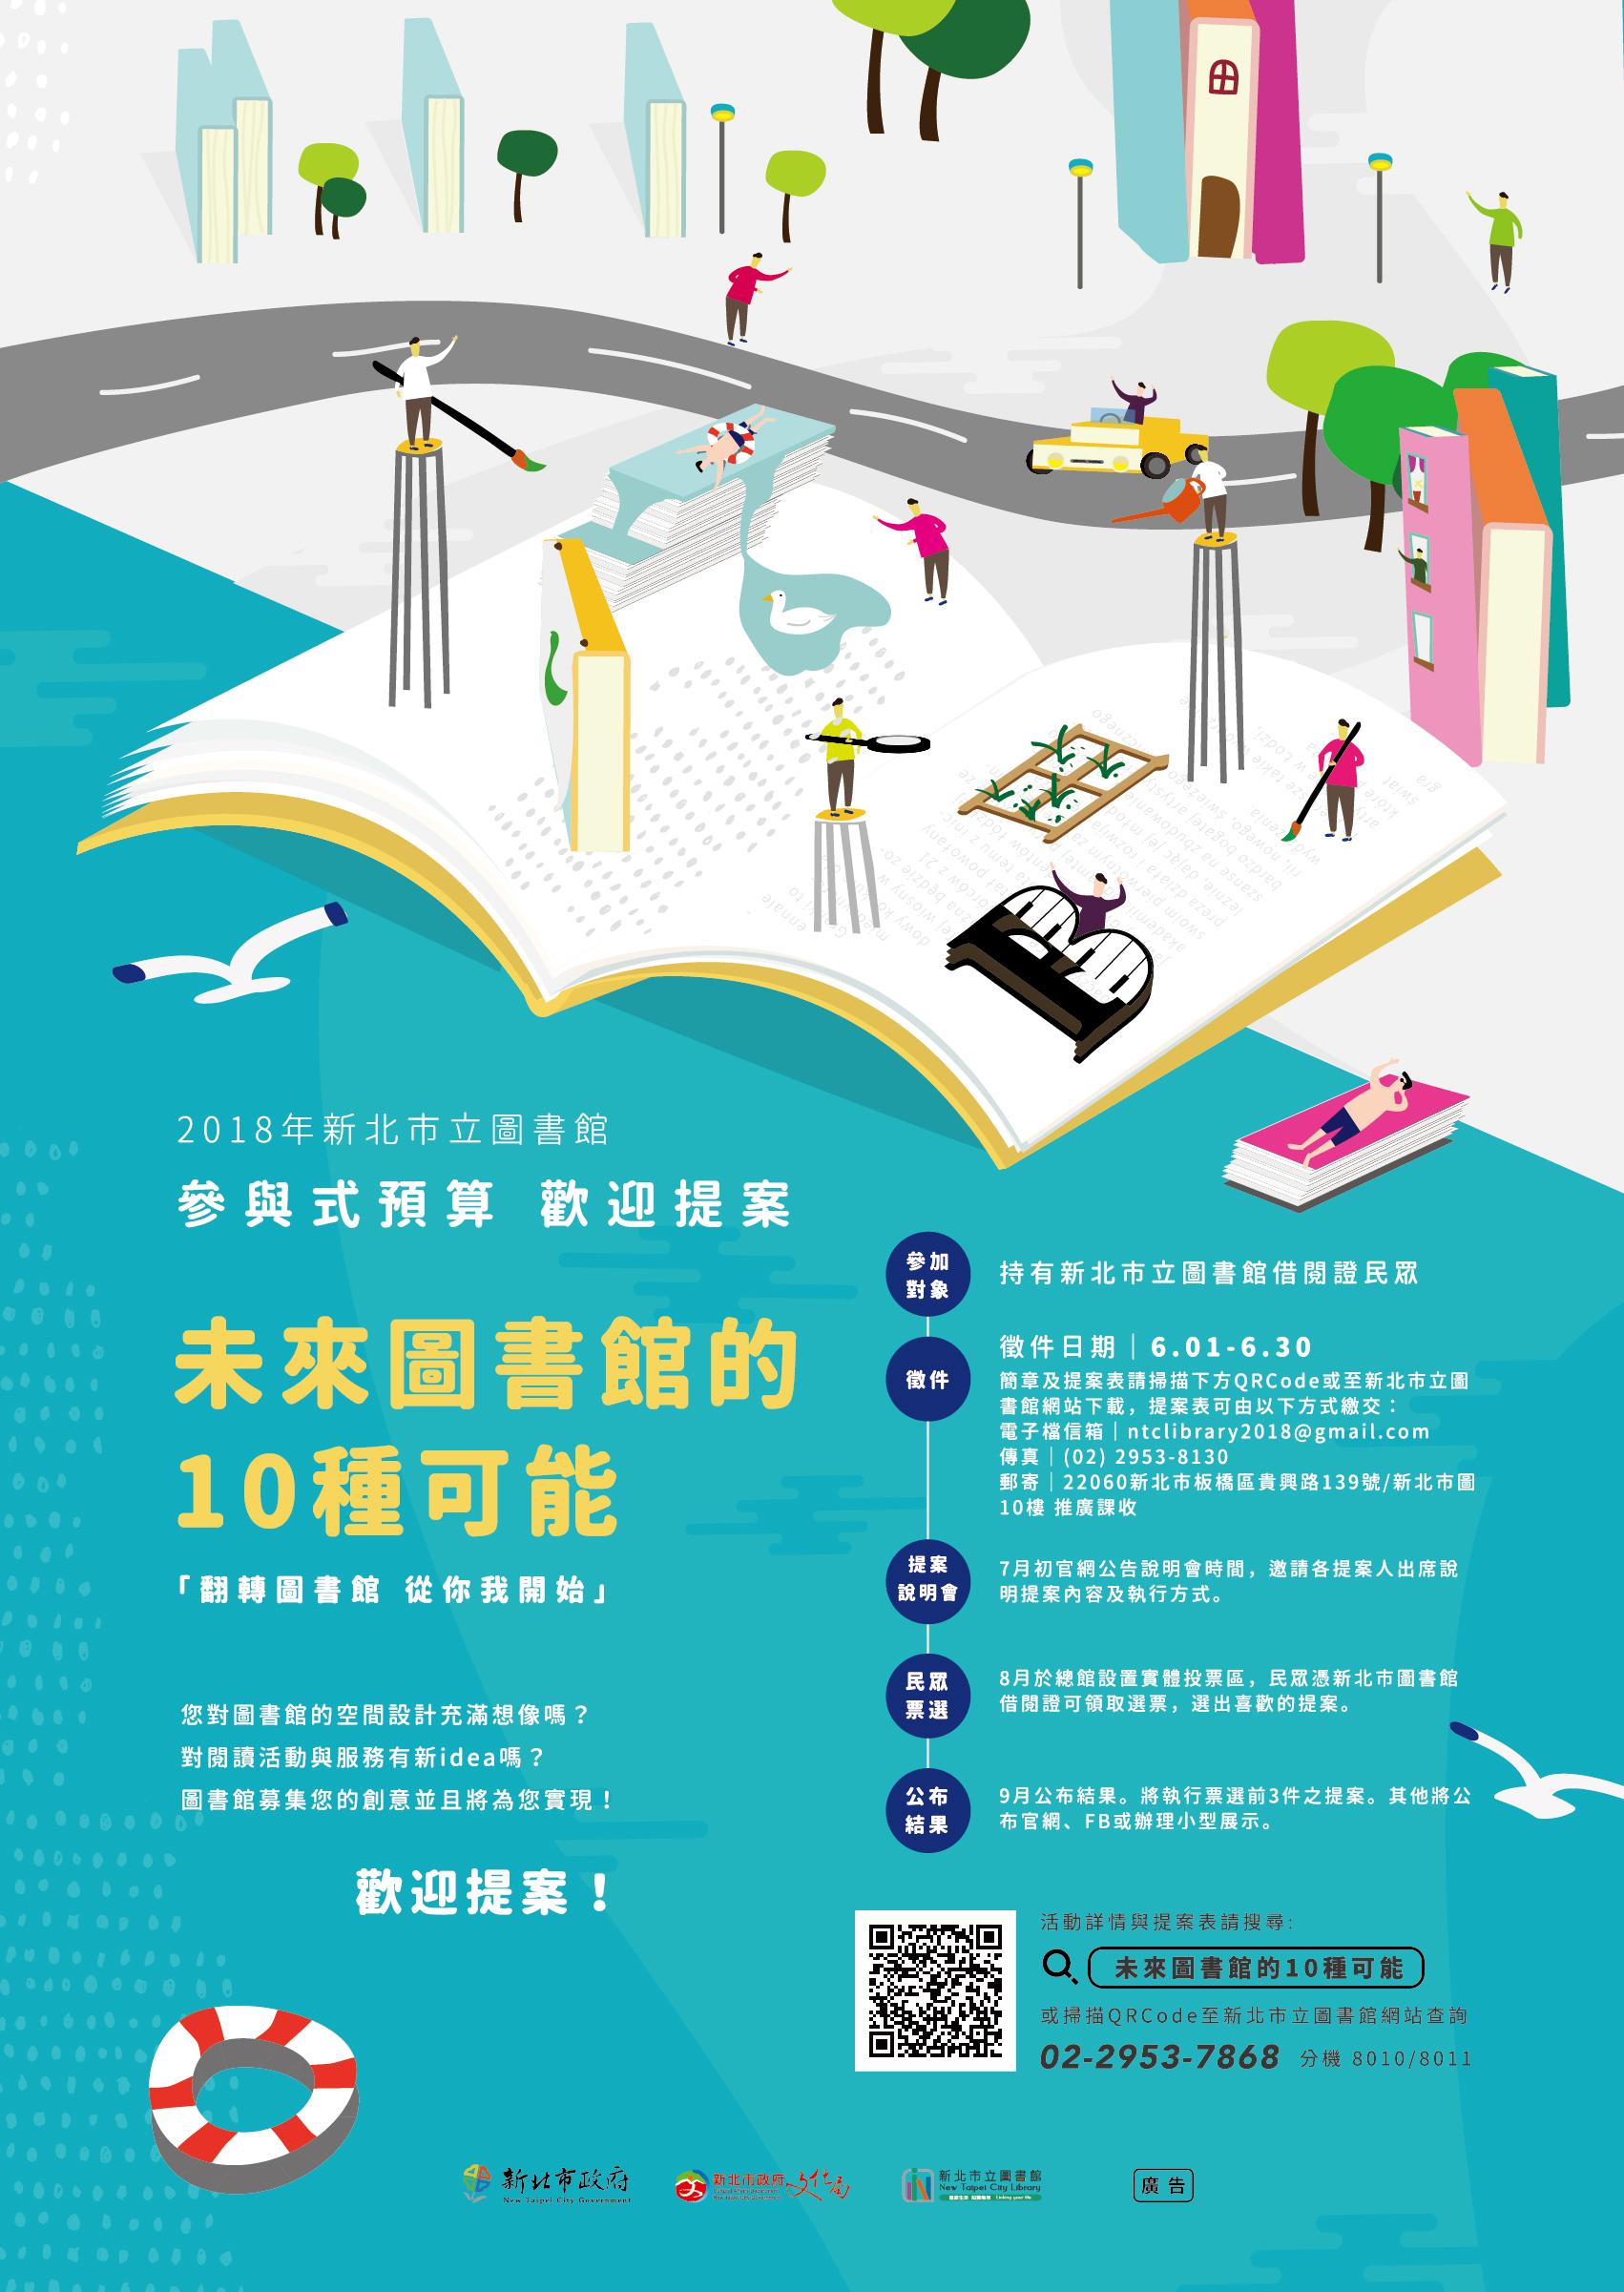 2018年「未來圖書館的10種可能」參與式預算